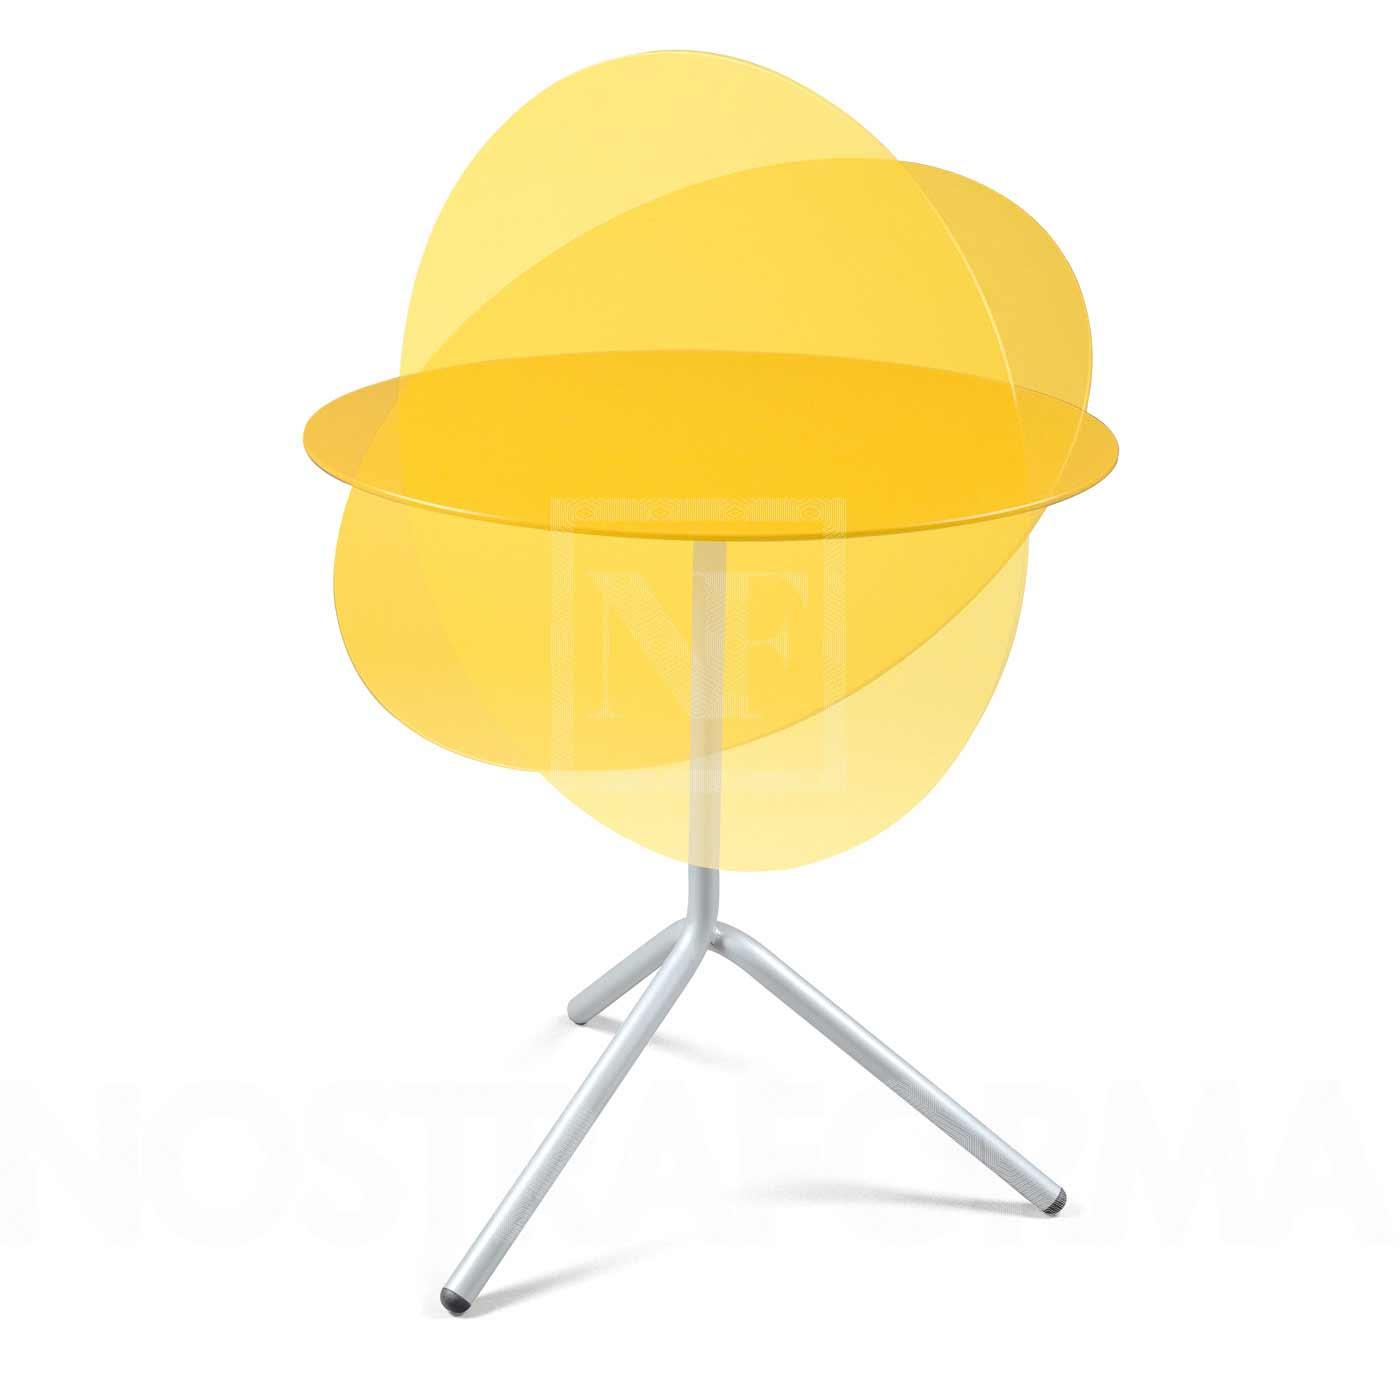 Modern and stylish yellow folding table